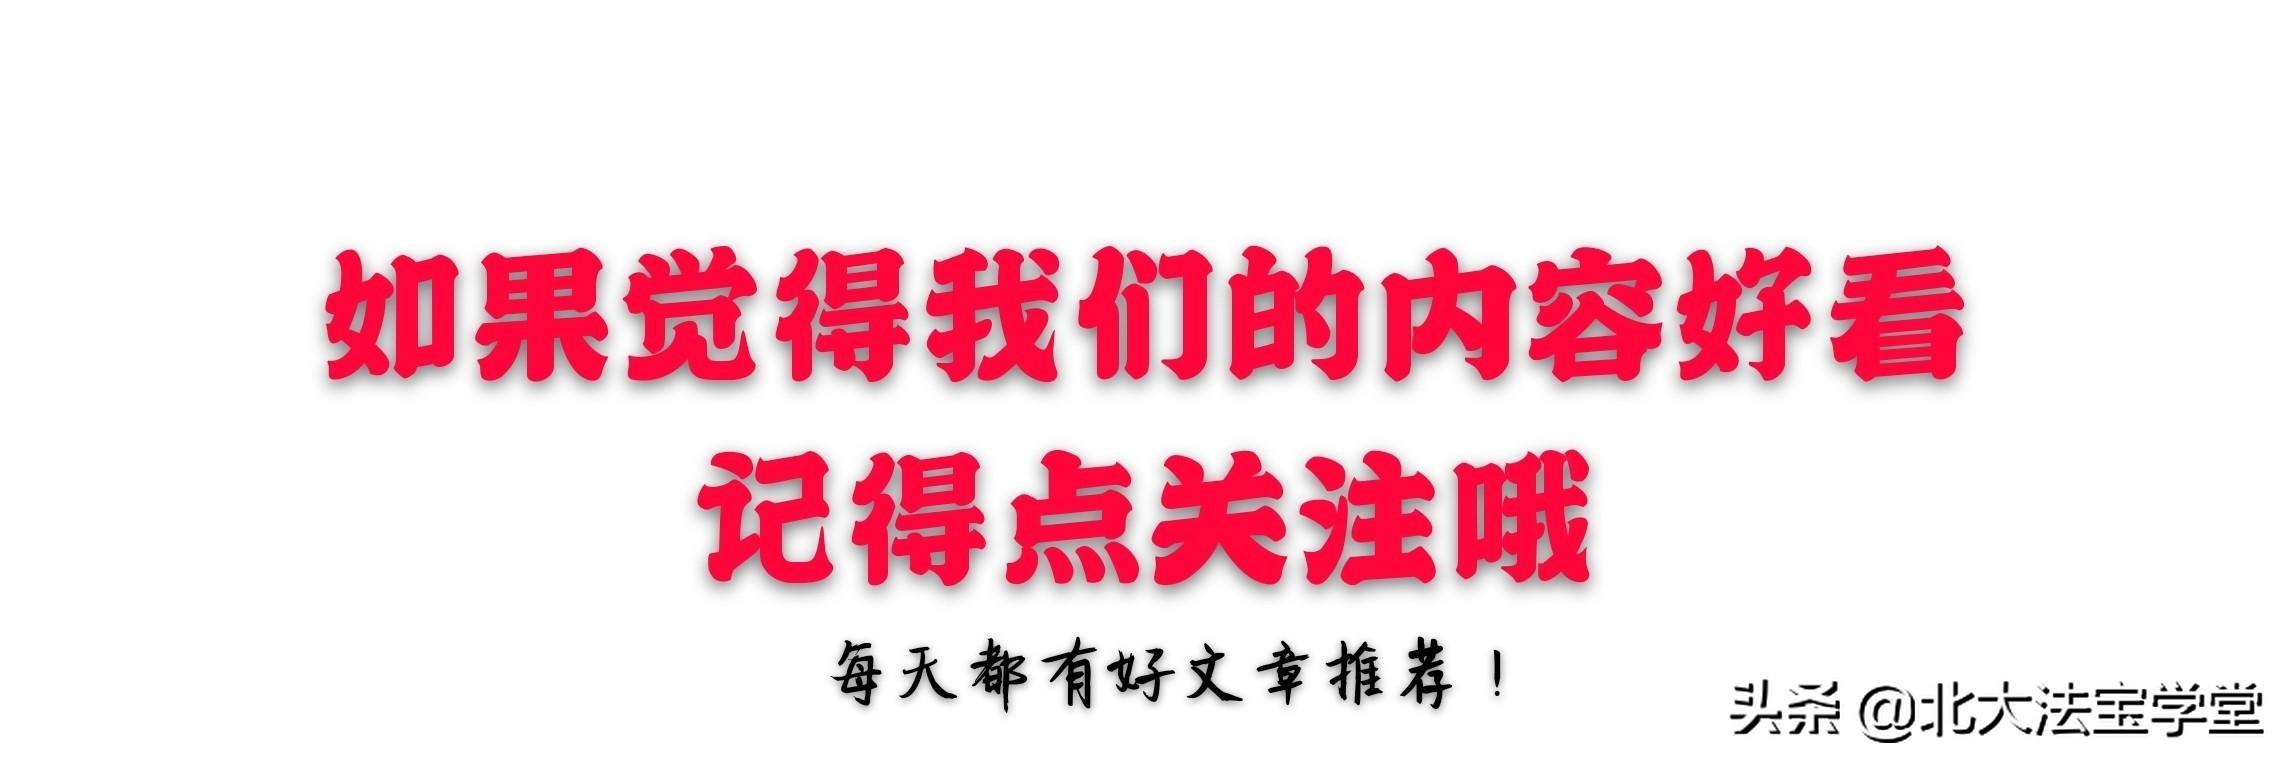 北京大学法学院2020年迎新典礼成功举办